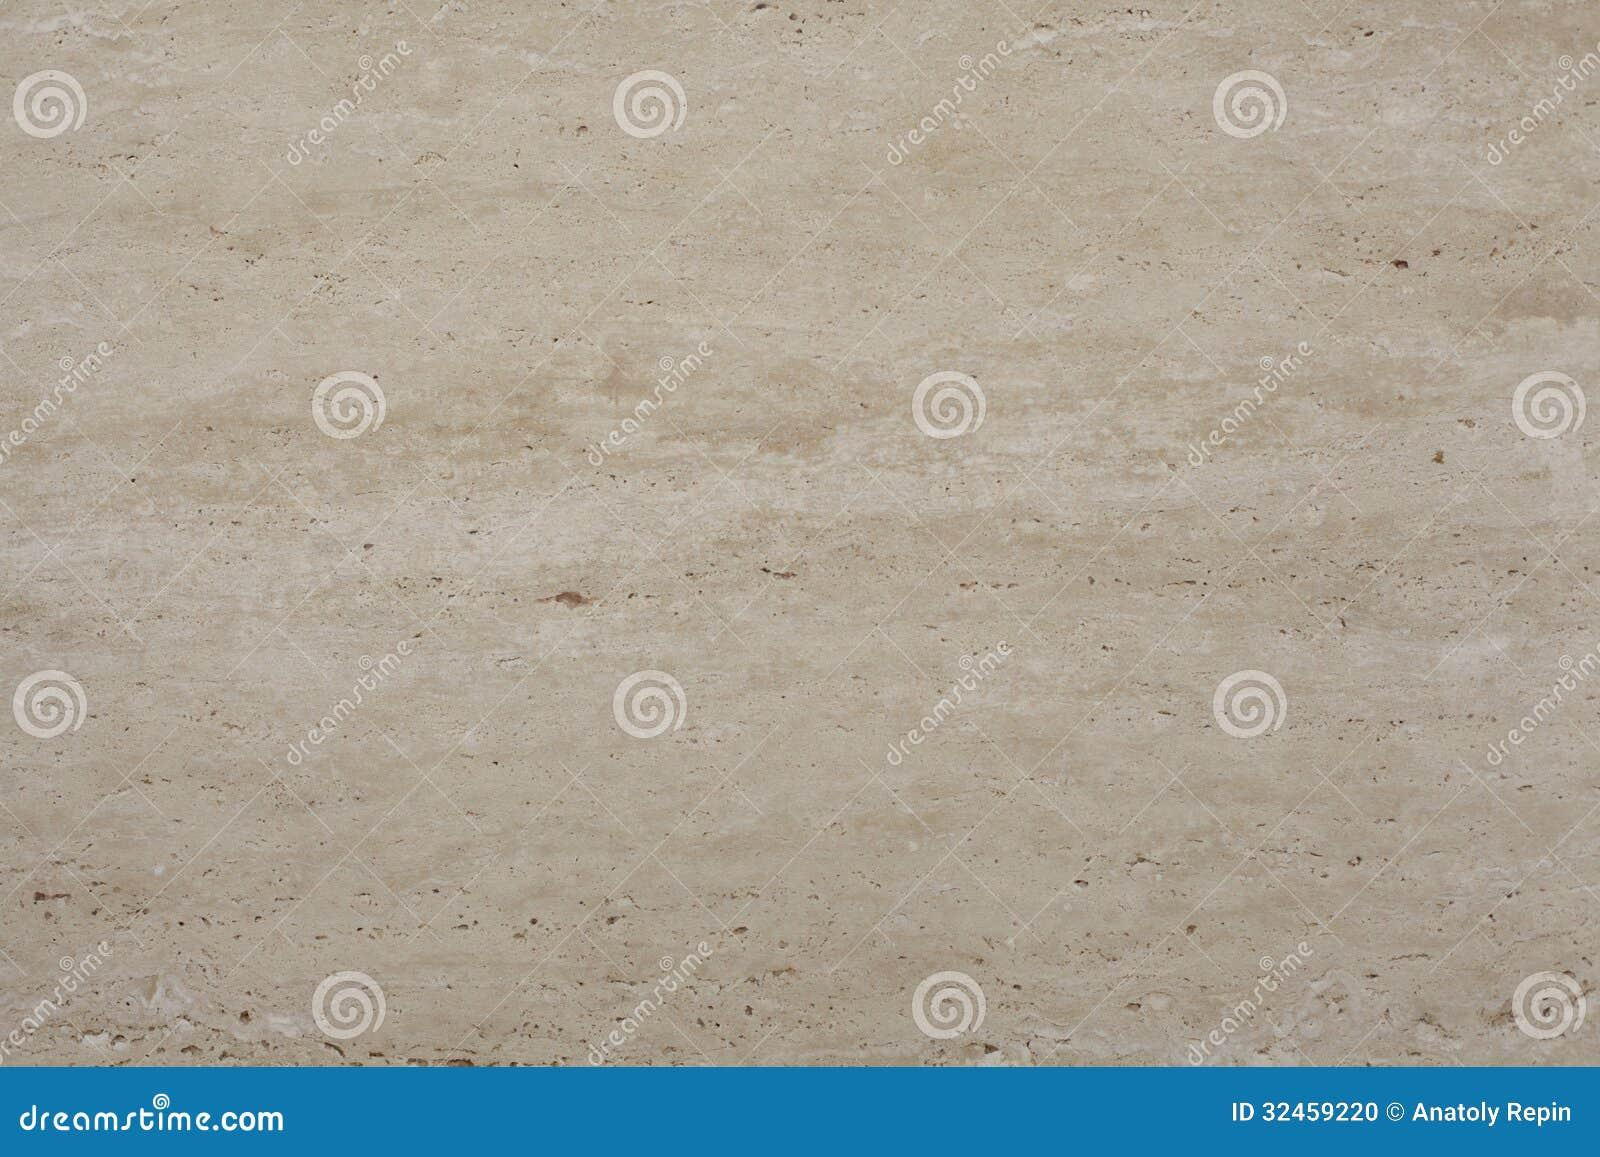 Textura de m rmol de alta calidad luz del travertino foto for Textura del marmol